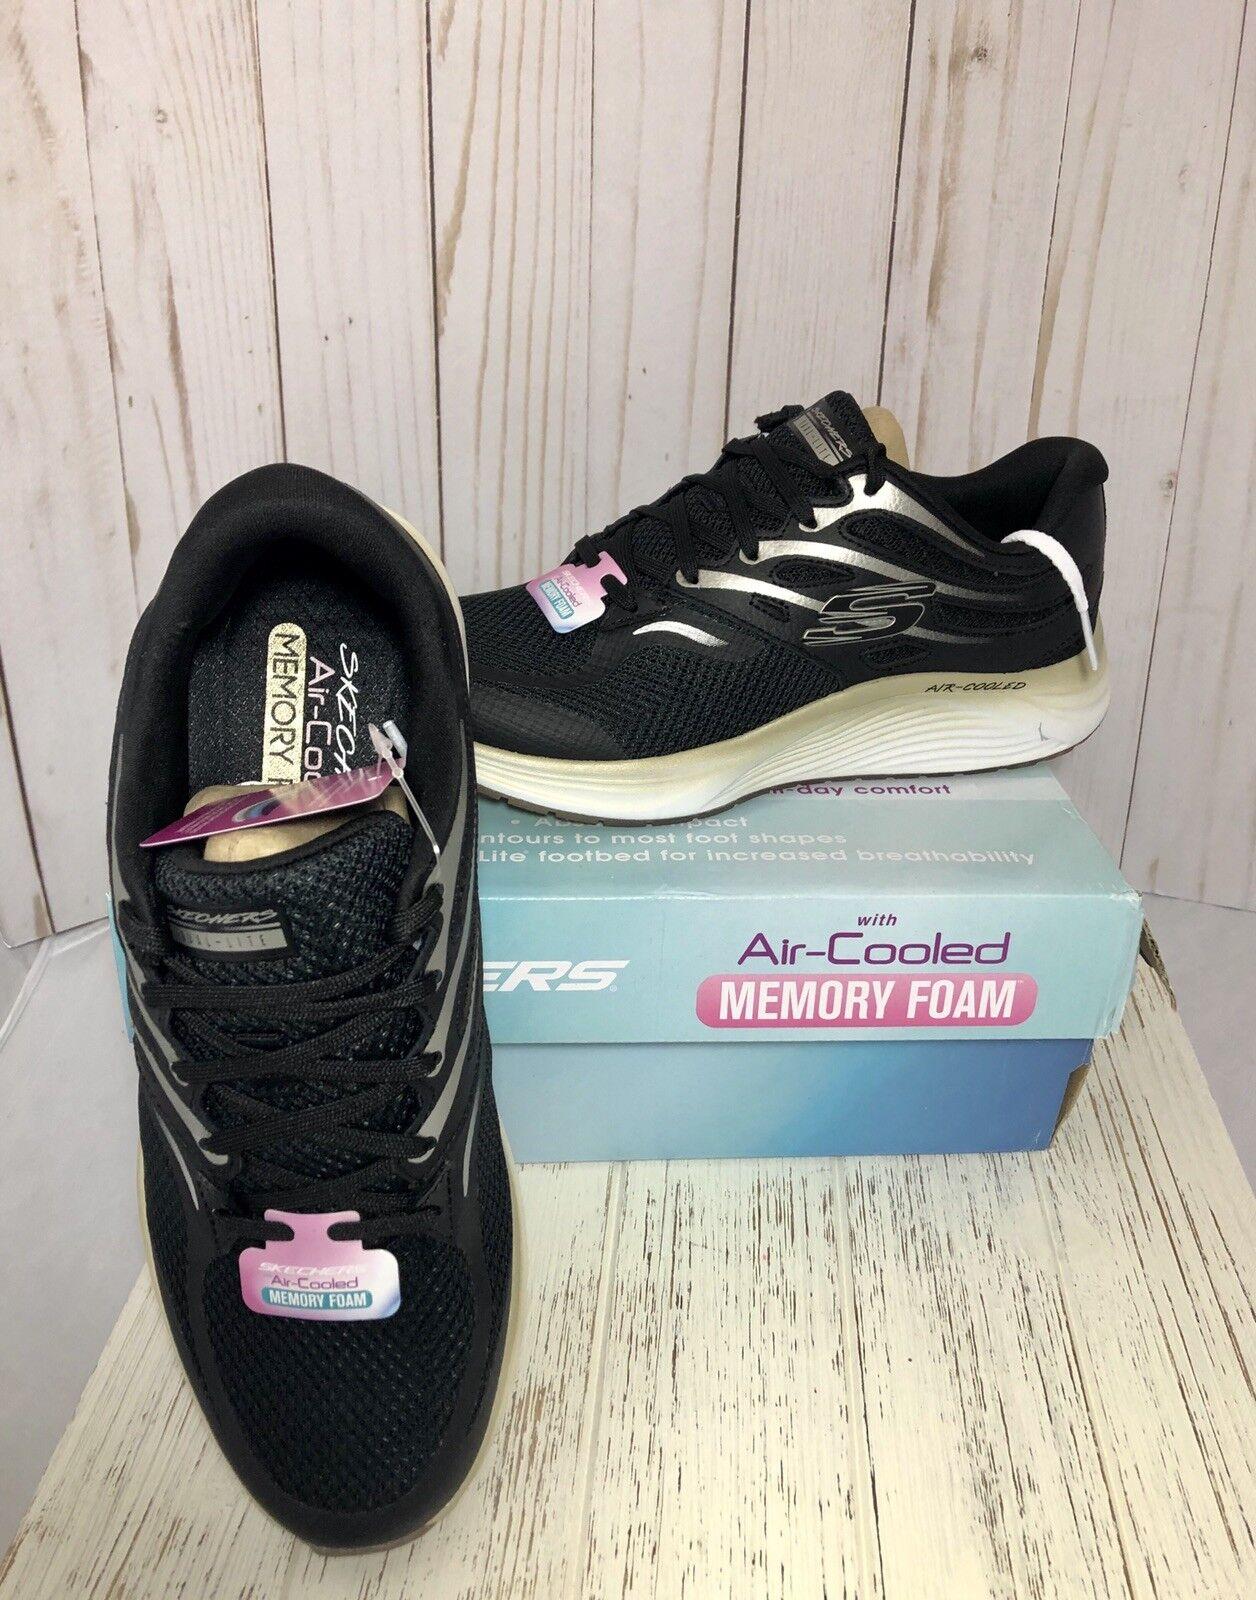 Skechers Femme Skyline Turnchaussures 8.5 noir OR New in Box